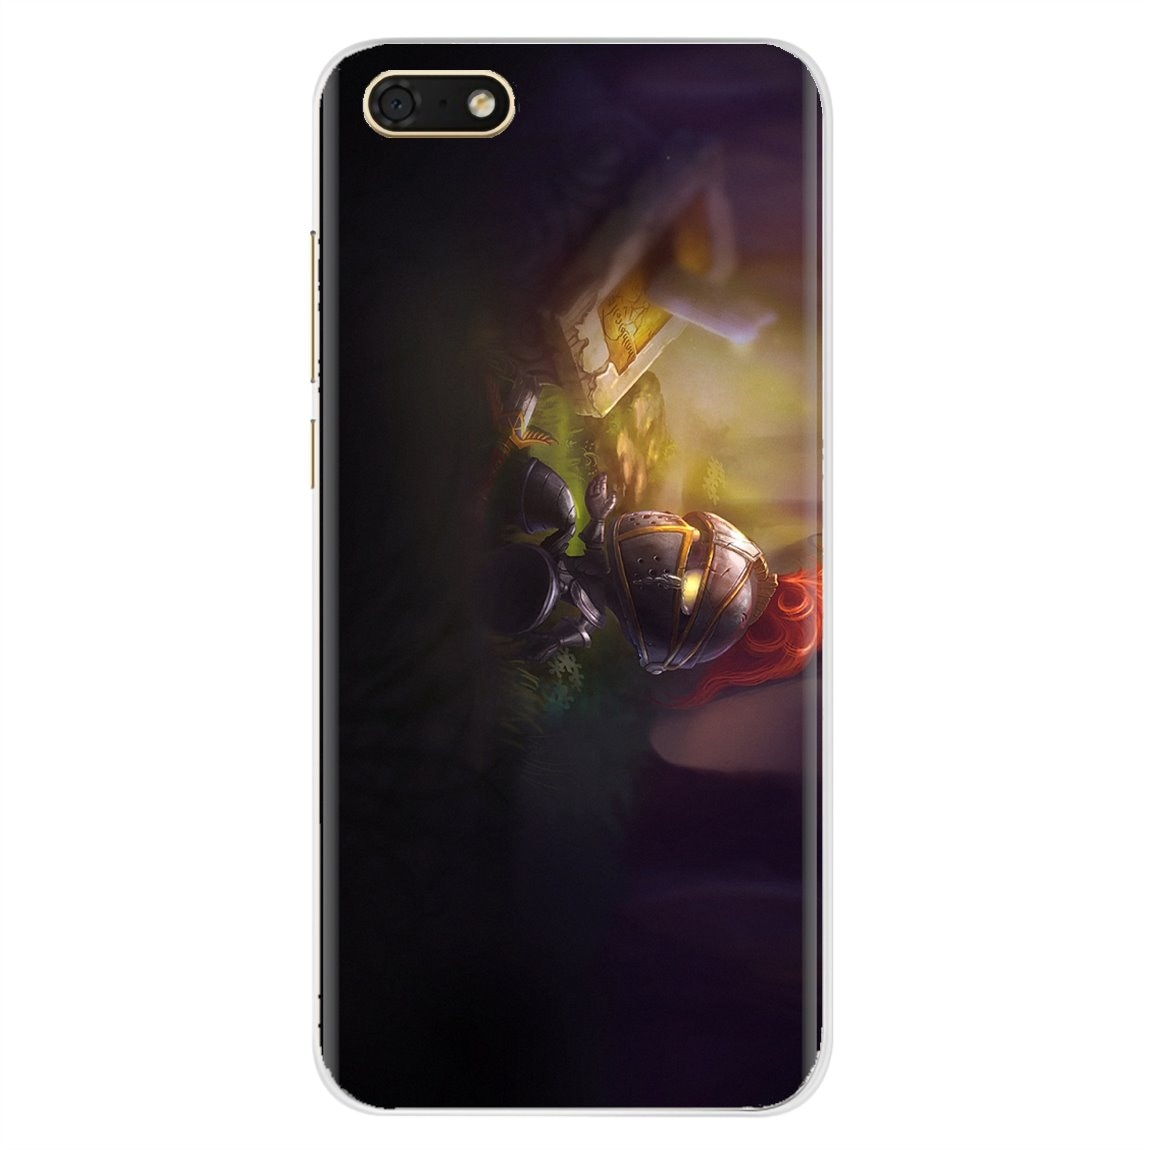 Amumu Nami LOL Super hero Personalized Silicone Phone Case For ZTE Blade A910 A610 A530 A510